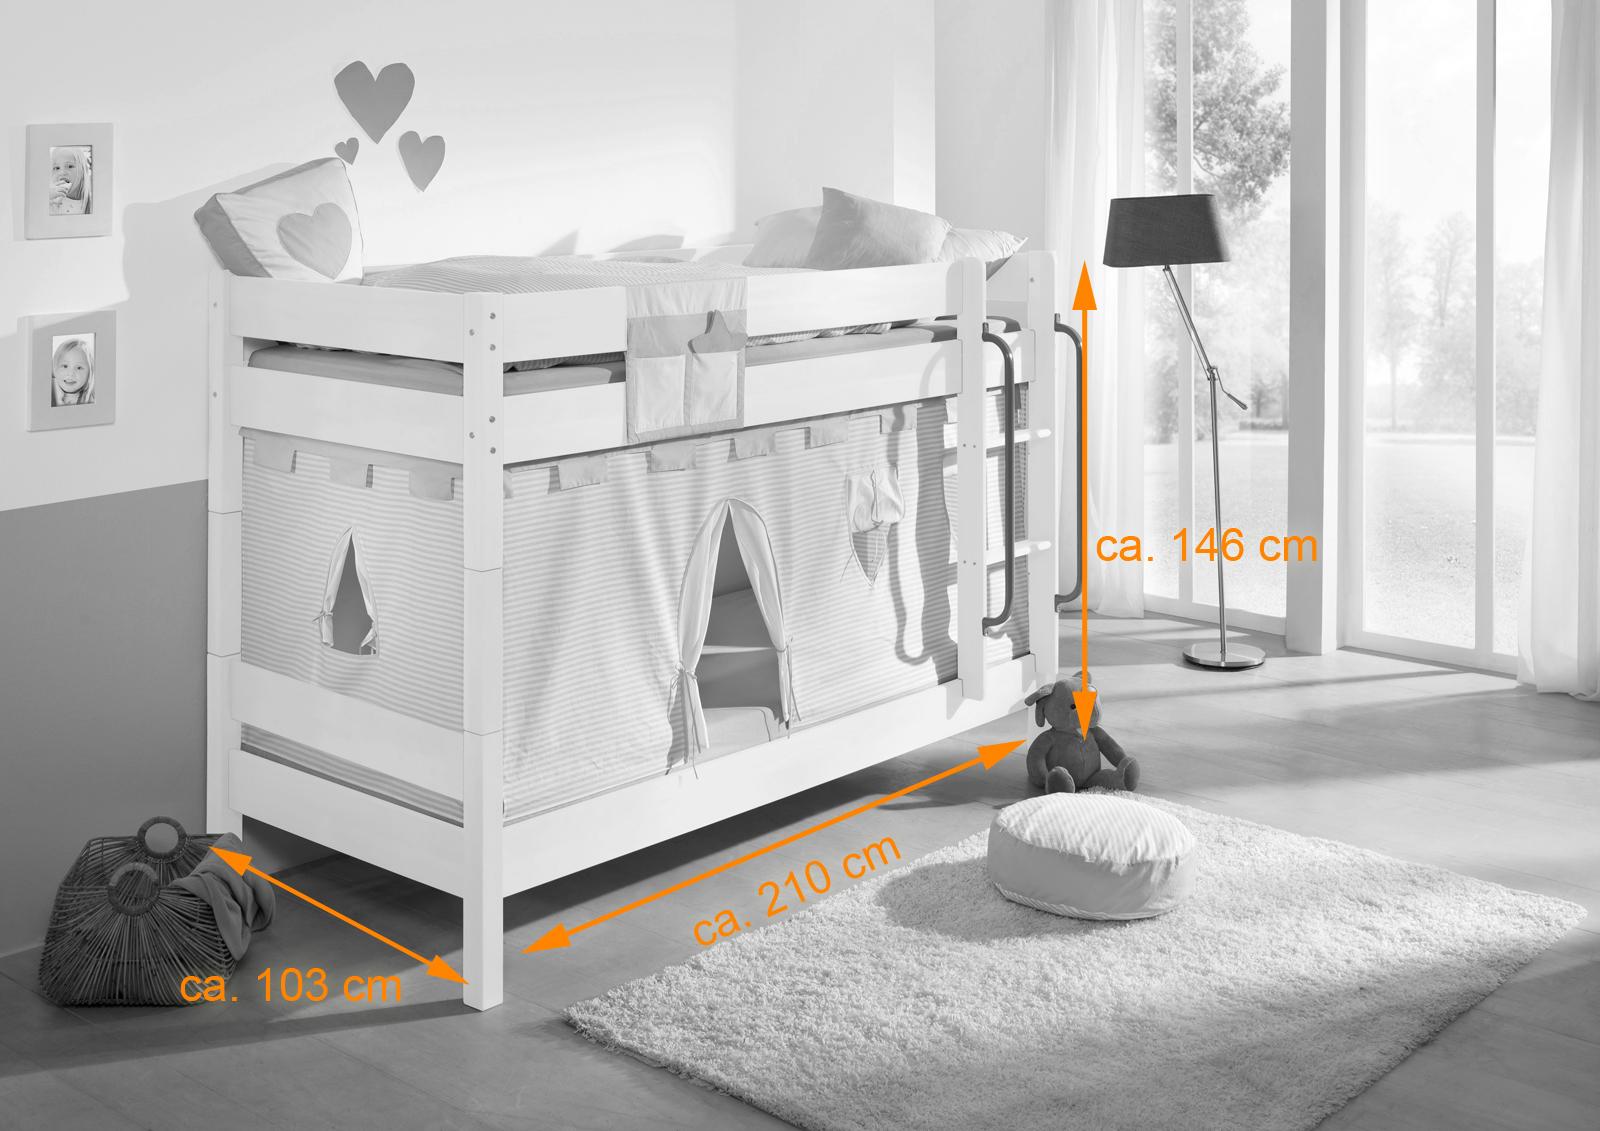 Etagenbett Kinder Zubehör : Weißes etagenbett für kinder buche massiv cm teilbar auf